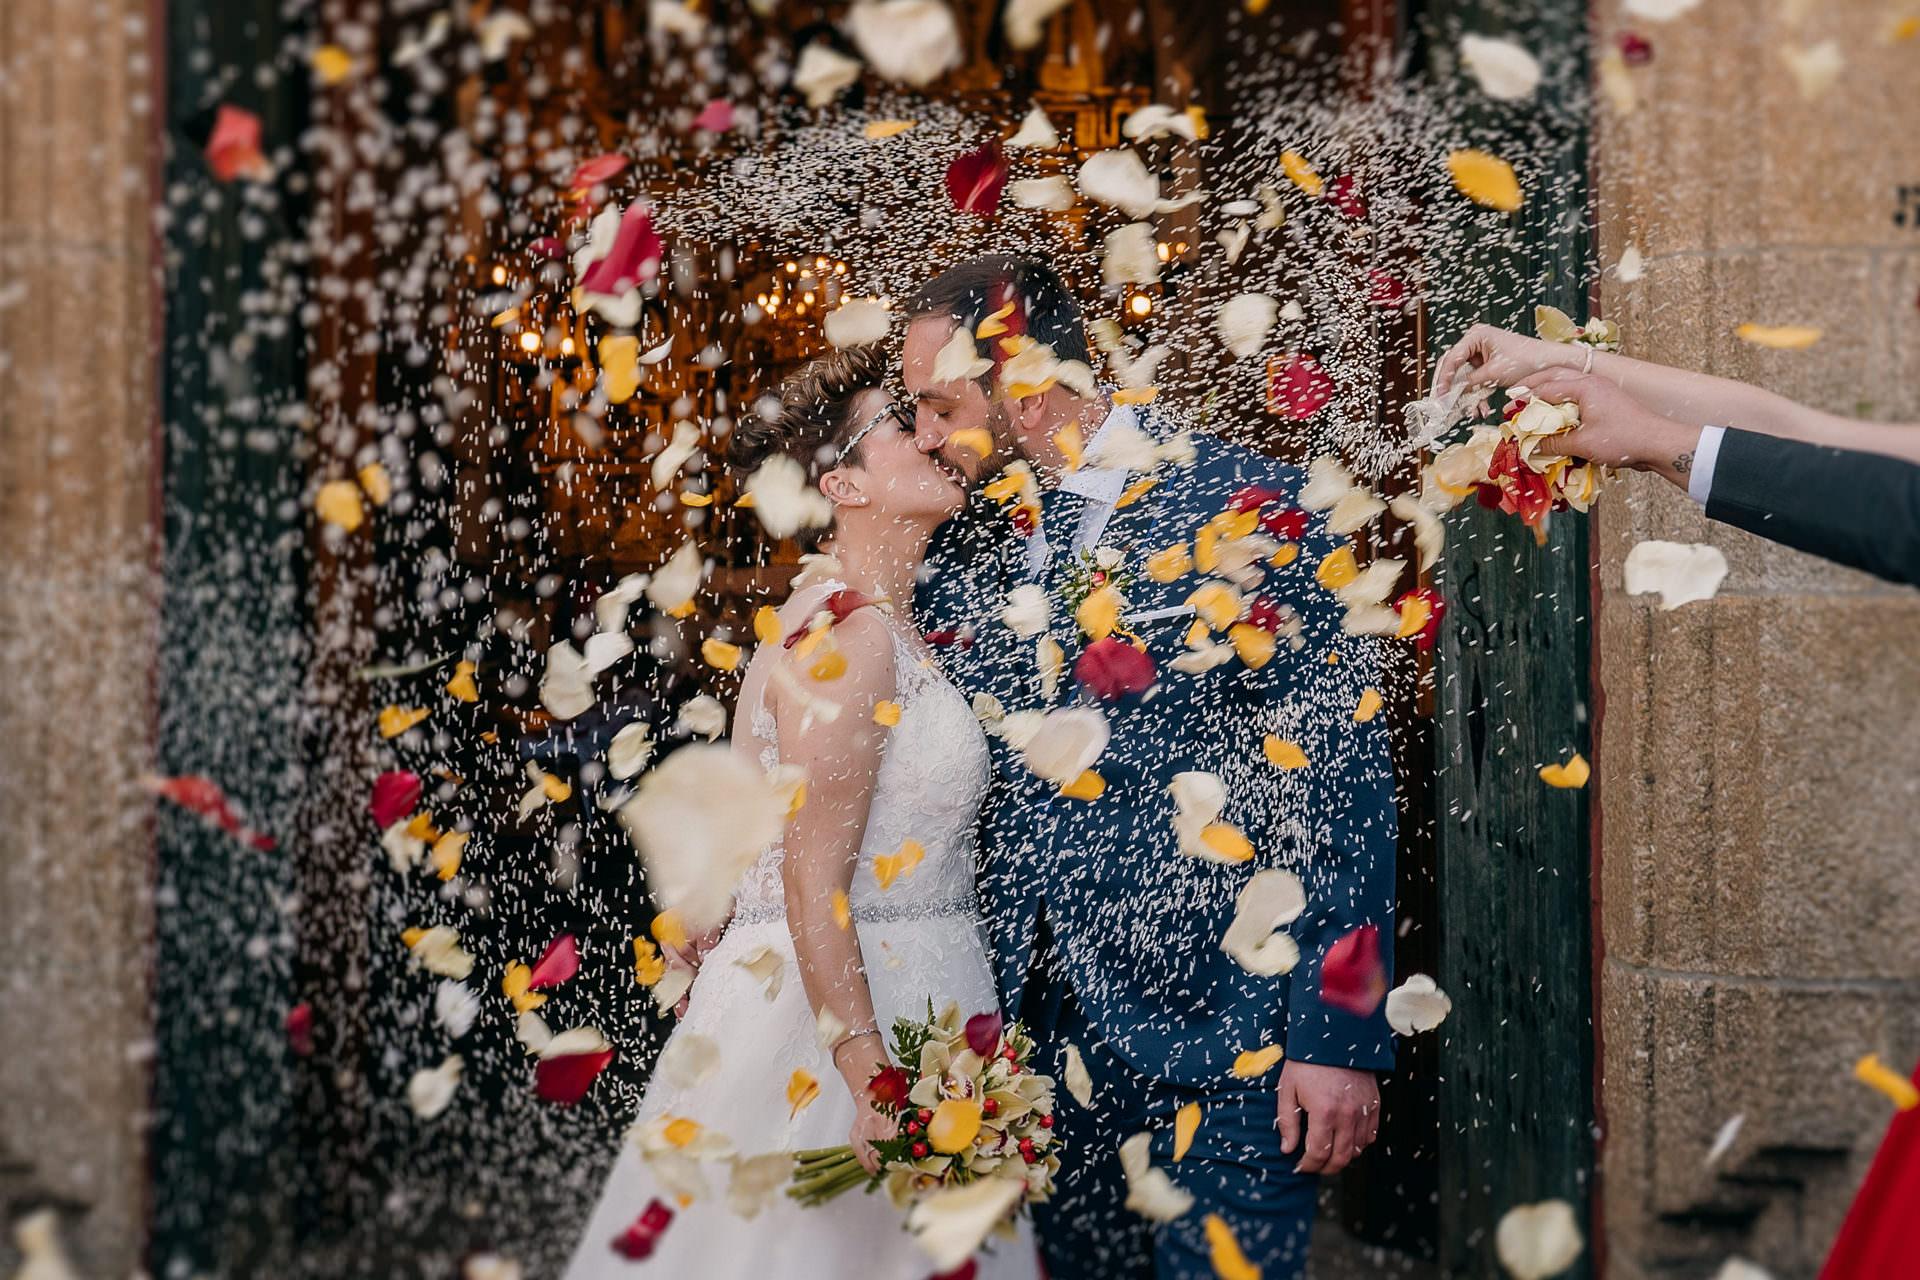 mejor fotografo de bodas pontevedra